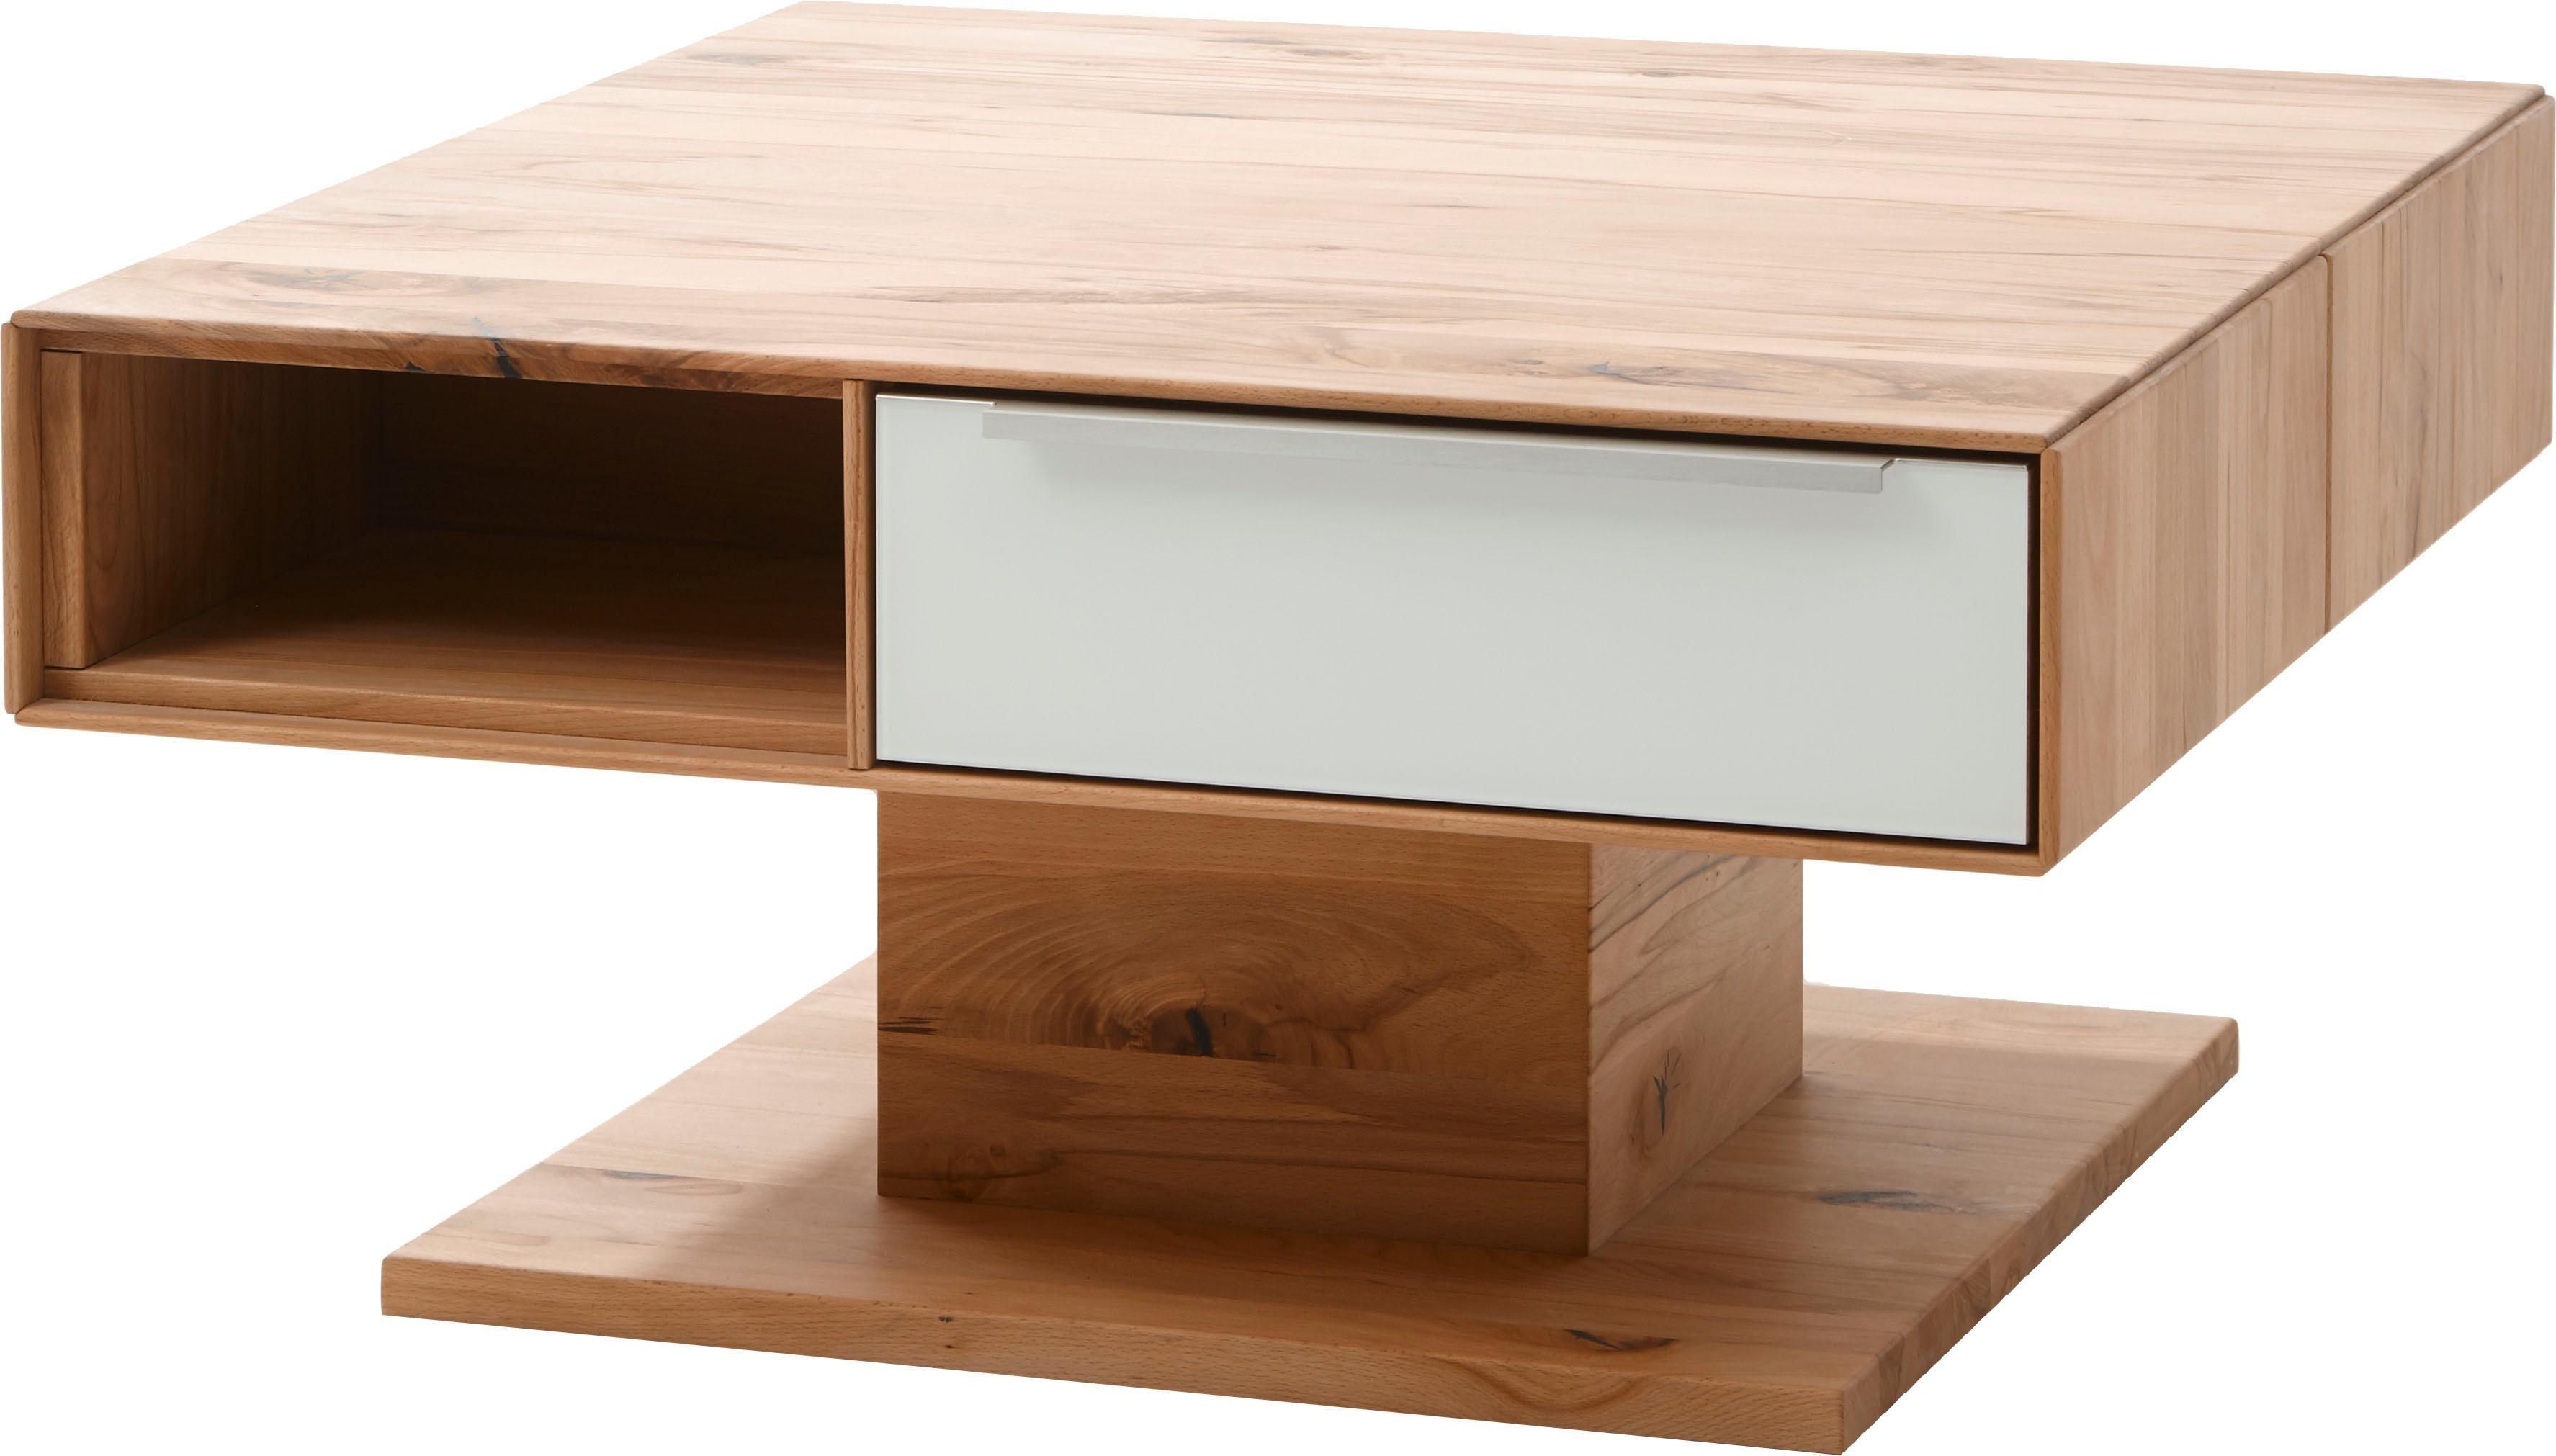 massivraum® Couchtisch »RAMOS« in zwei Ausführungen | Wohnzimmer > Tische > Couchtische | Massiver - Holz - Asteiche | massivraum